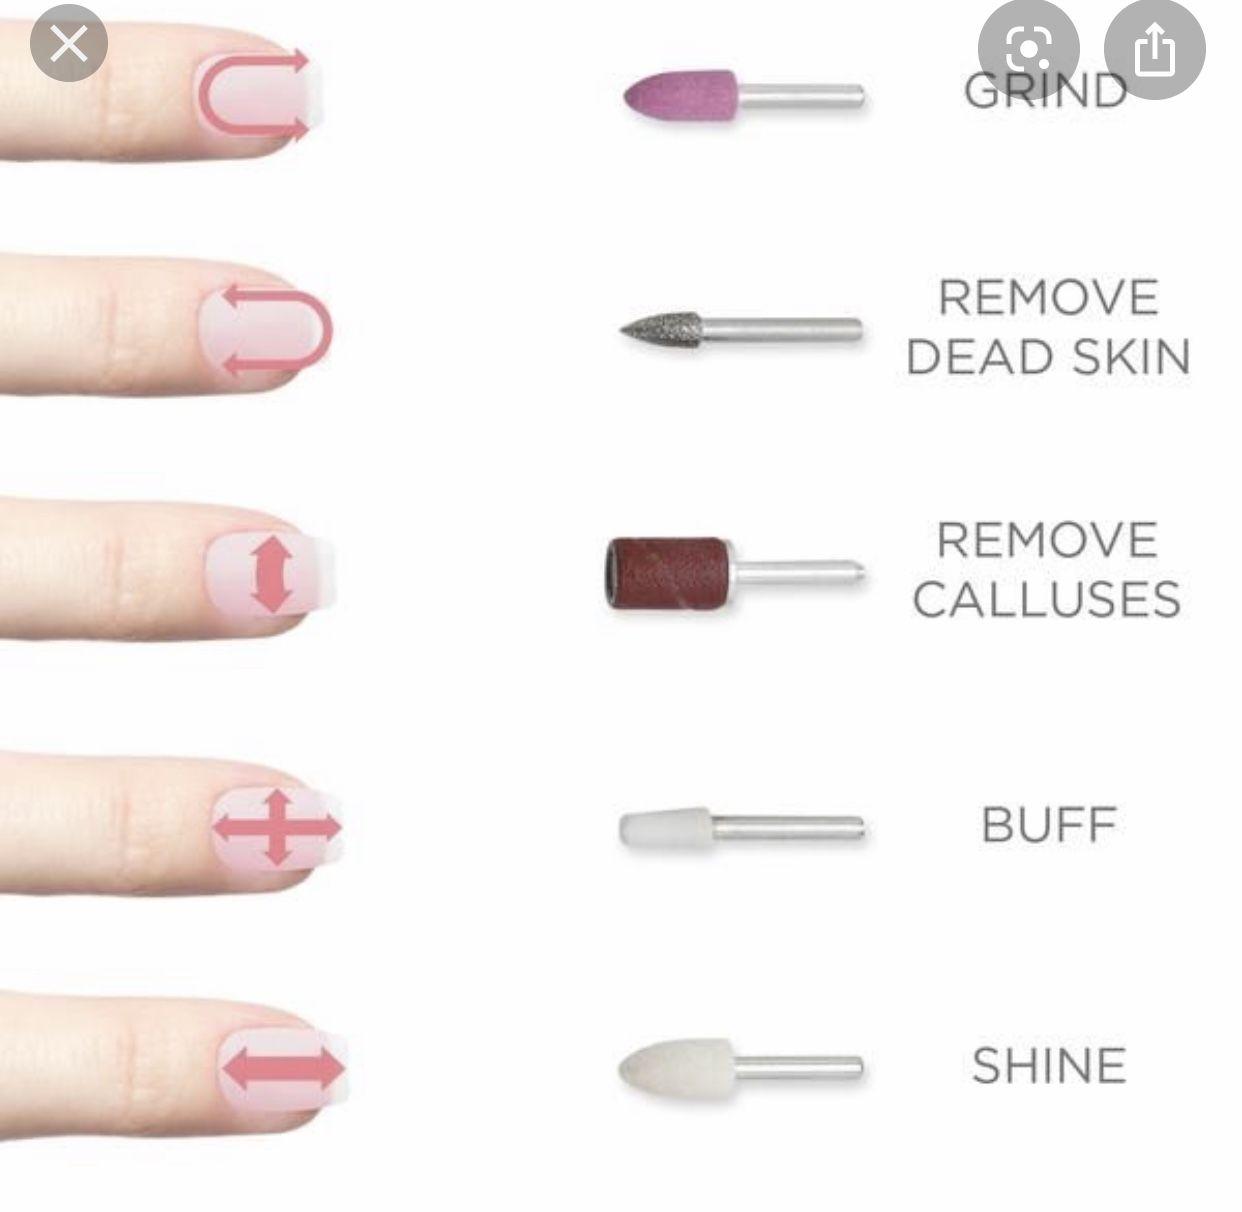 Pin By Marcia Van Hove On Mens Stuff Diy Acrylic Nails Acrylic Nail Tips Diy Nails